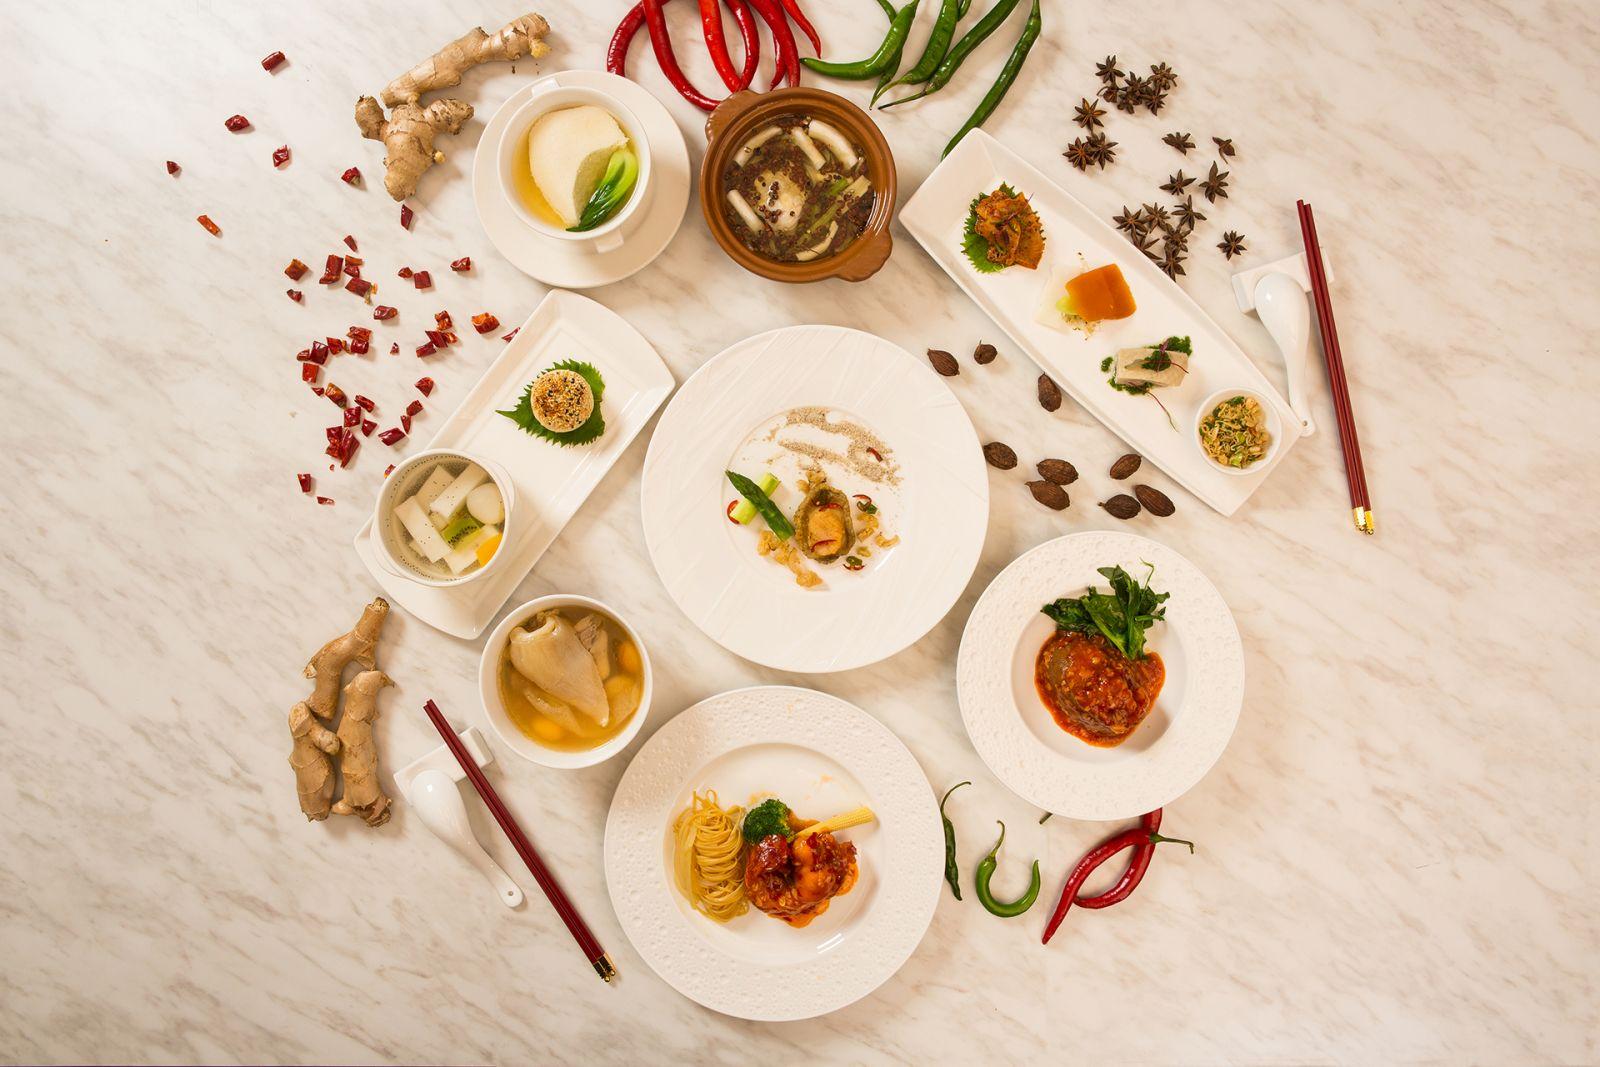 『米其林推薦 - 國賓川菜廳饗宴 』一泊二食 住房專案